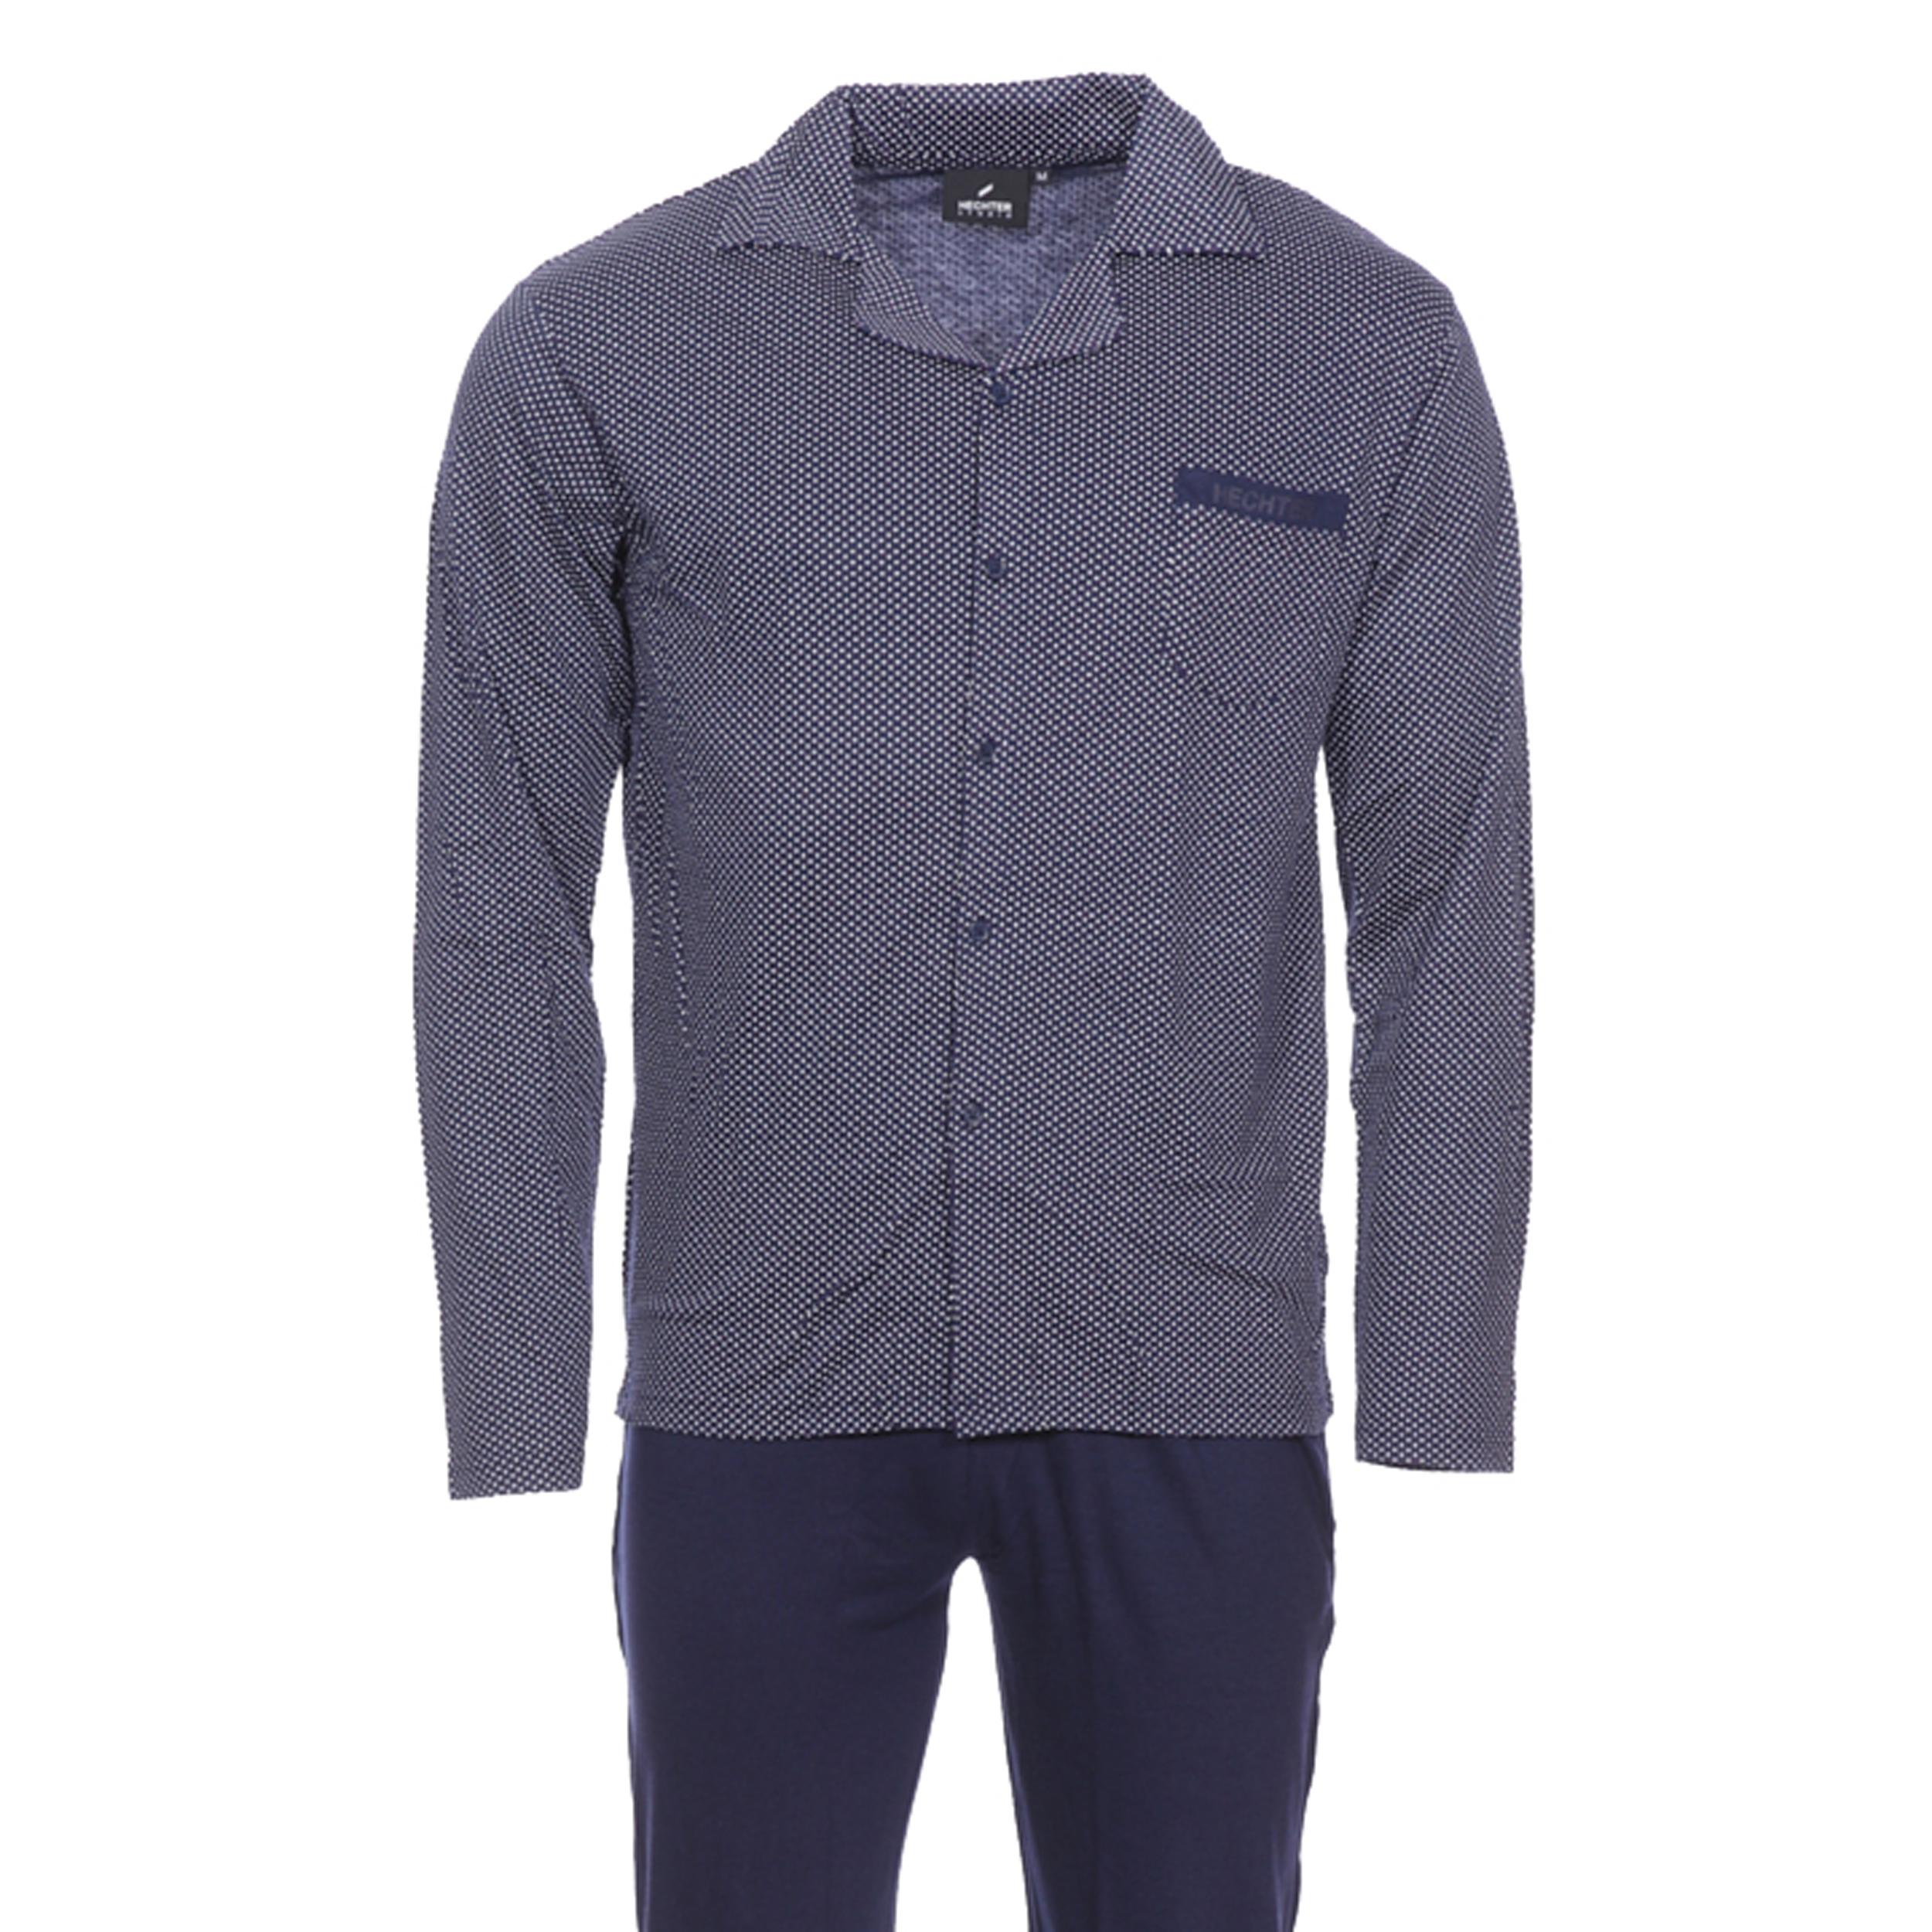 Pyjama long Hechter Studio Flow en coton et modal : veste bleu marine à motifs et pantalon bleu marine